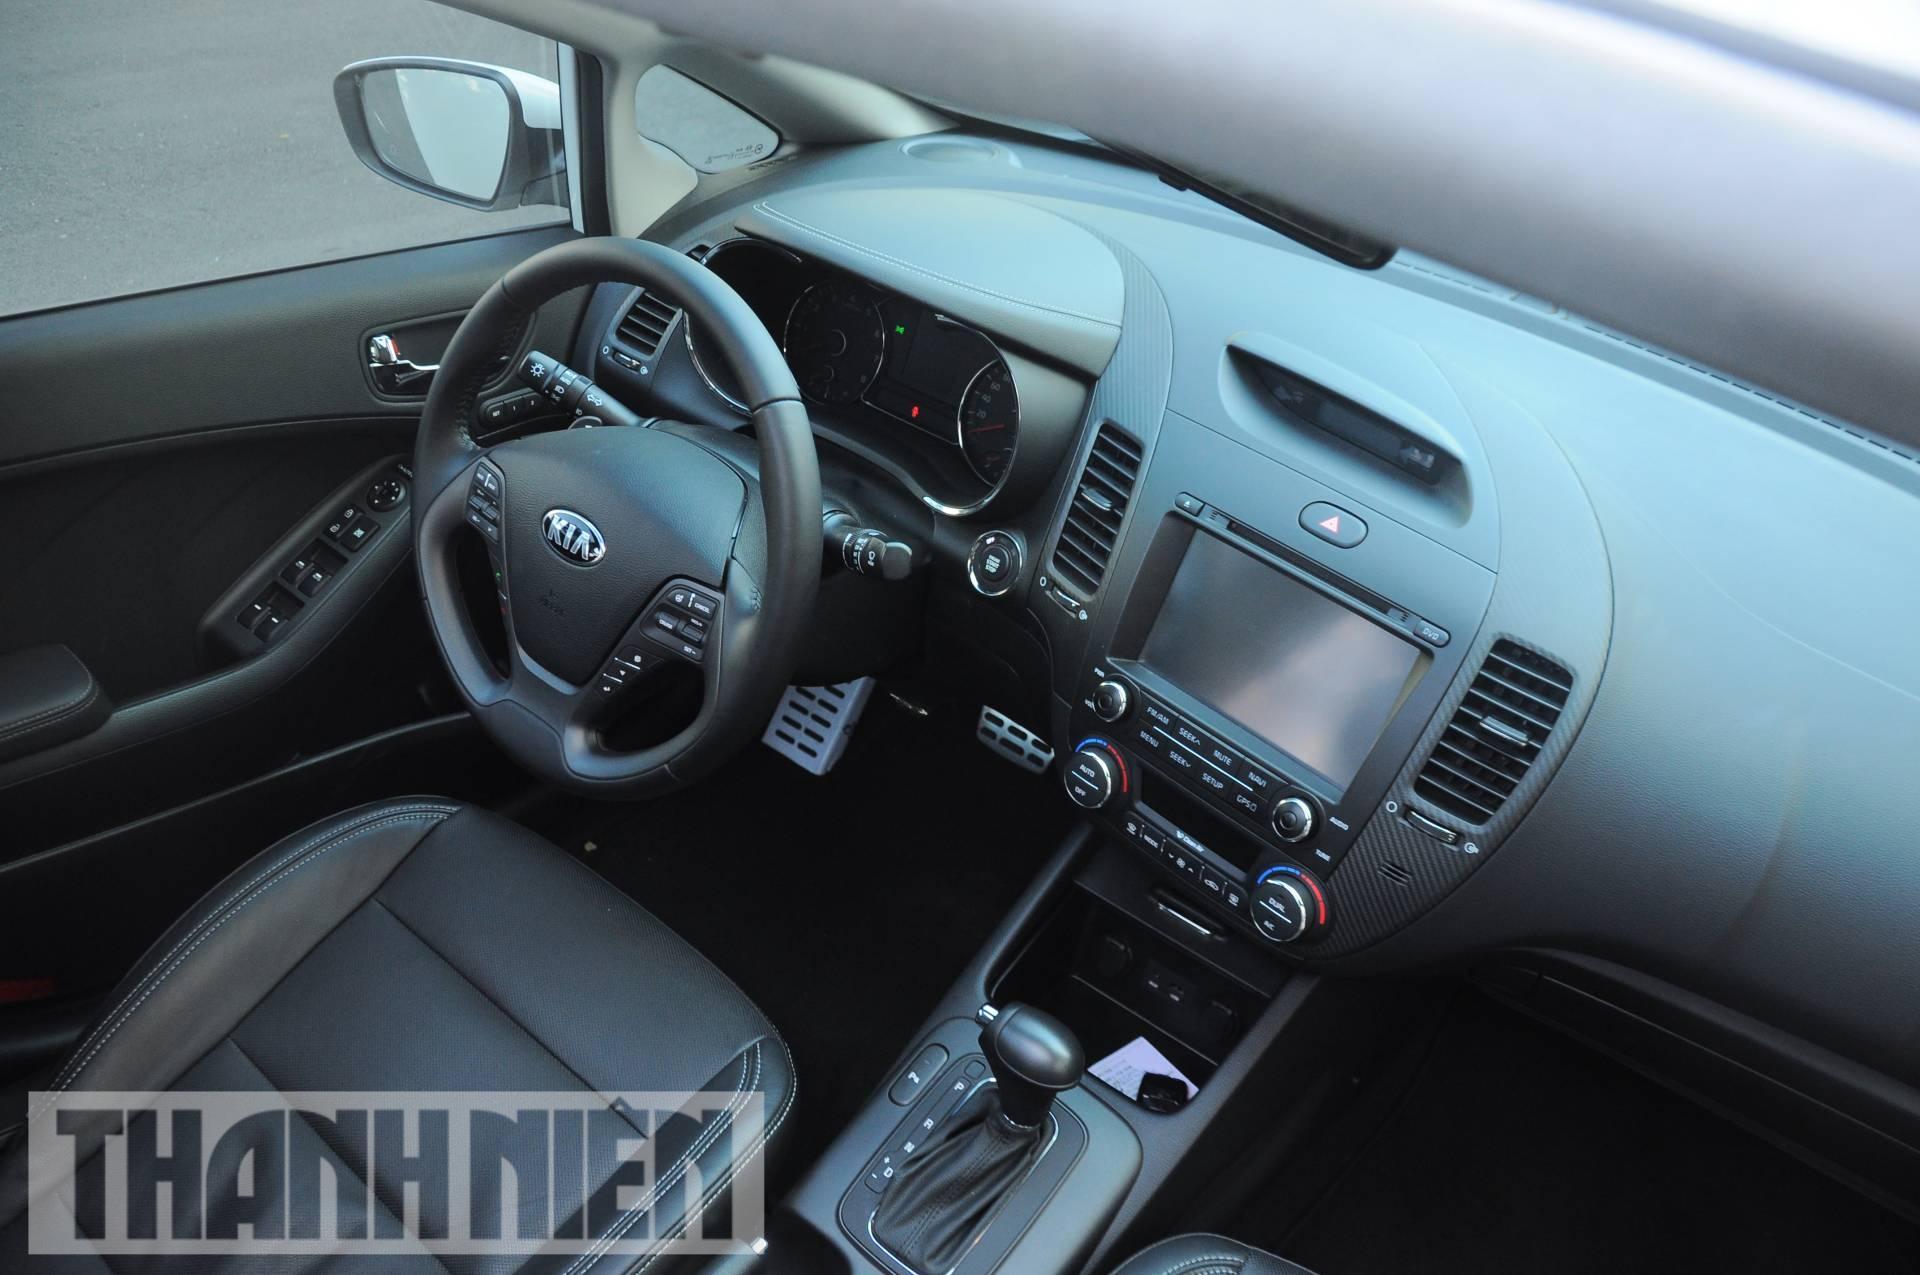 Chi tiết Kia K3 Premium giá 659 triệu đồng - ảnh 20